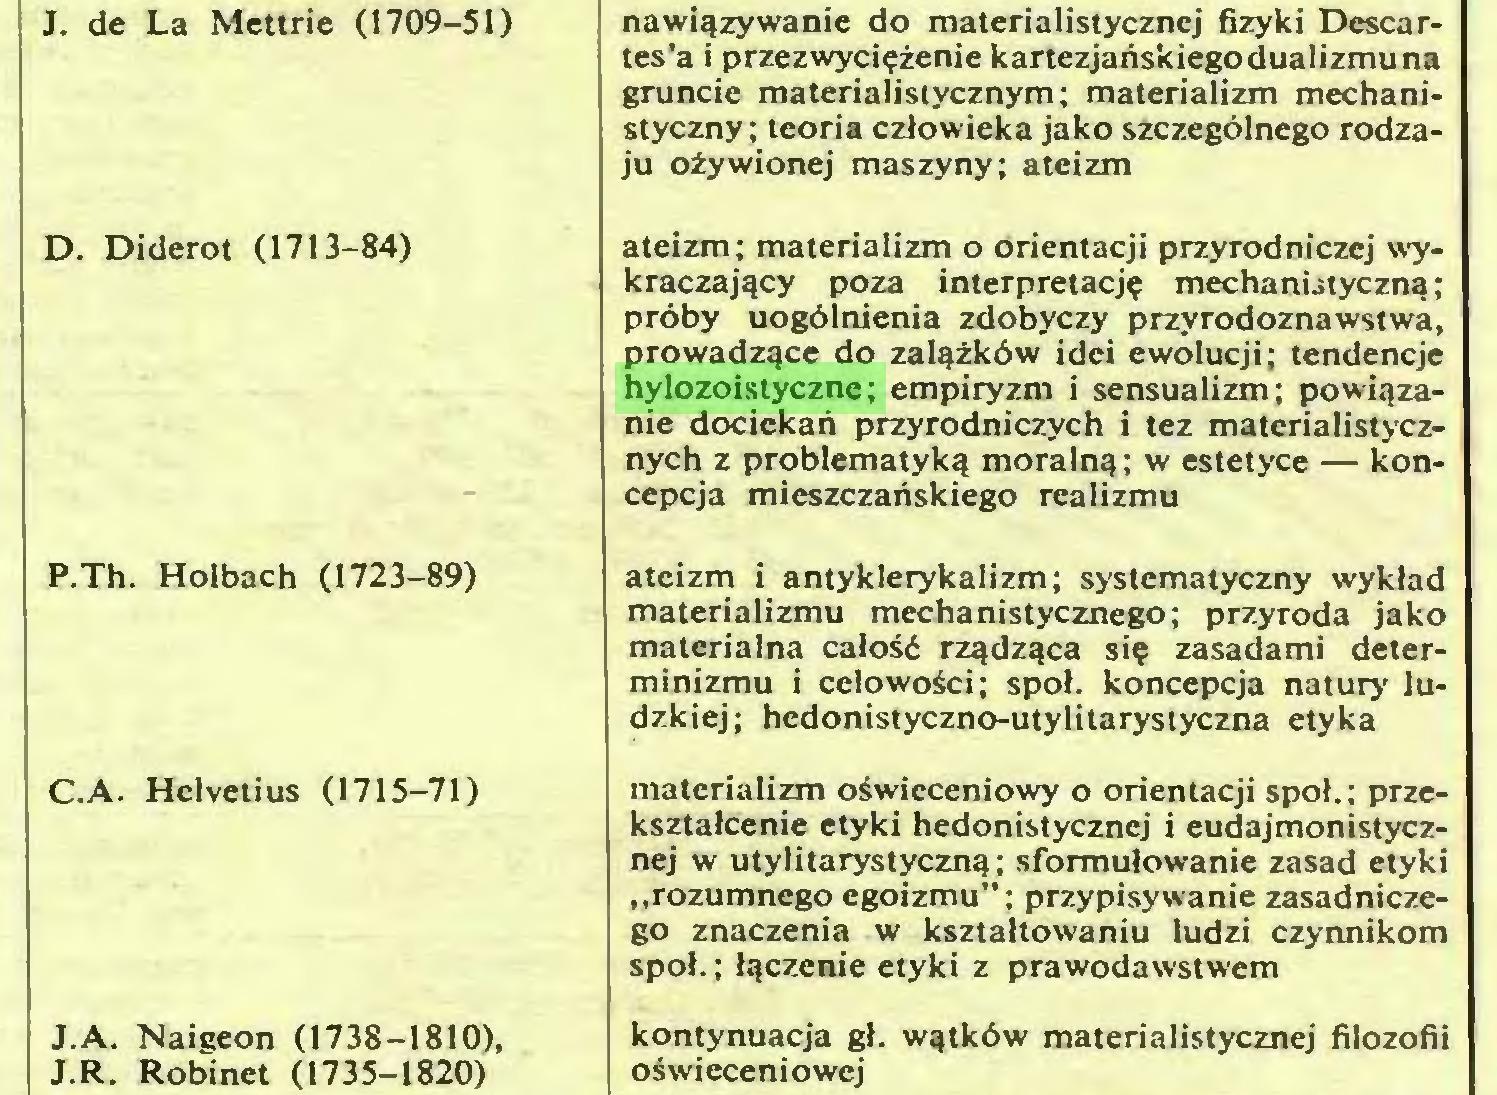 (...) J.R. Robinet (1735-1820) nawiązywanie do materialistycznej fizyki Descartes'a i przezwyciężenie kartezjańskiego dualizmu na gruncie materialistycznym; materializm mechanistyczny; teoria człowieka jako szczególnego rodzaju ożywionej maszyny; ateizm ateizm; materializm o orientacji przyrodniczej wykraczający poza interpretację mechani-styczną; próby uogólnienia zdobyczy przyrodoznawstwa, prowadzące do zalążków idei ewolucji; tendencje hylozoistyczne; empiryzm i sensualizm; powiązanie dociekań przyrodniczych i tez matcrialistycznych z problematyką moralną; w estetyce — koncepcja mieszczańskiego realizmu ateizm i antyklerykalizm; systematyczny wykład materializmu mechanistycznego; przyroda jako materialna całość rządząca się zasadami determinizmu i celowości; społ. koncepcja natury lu...